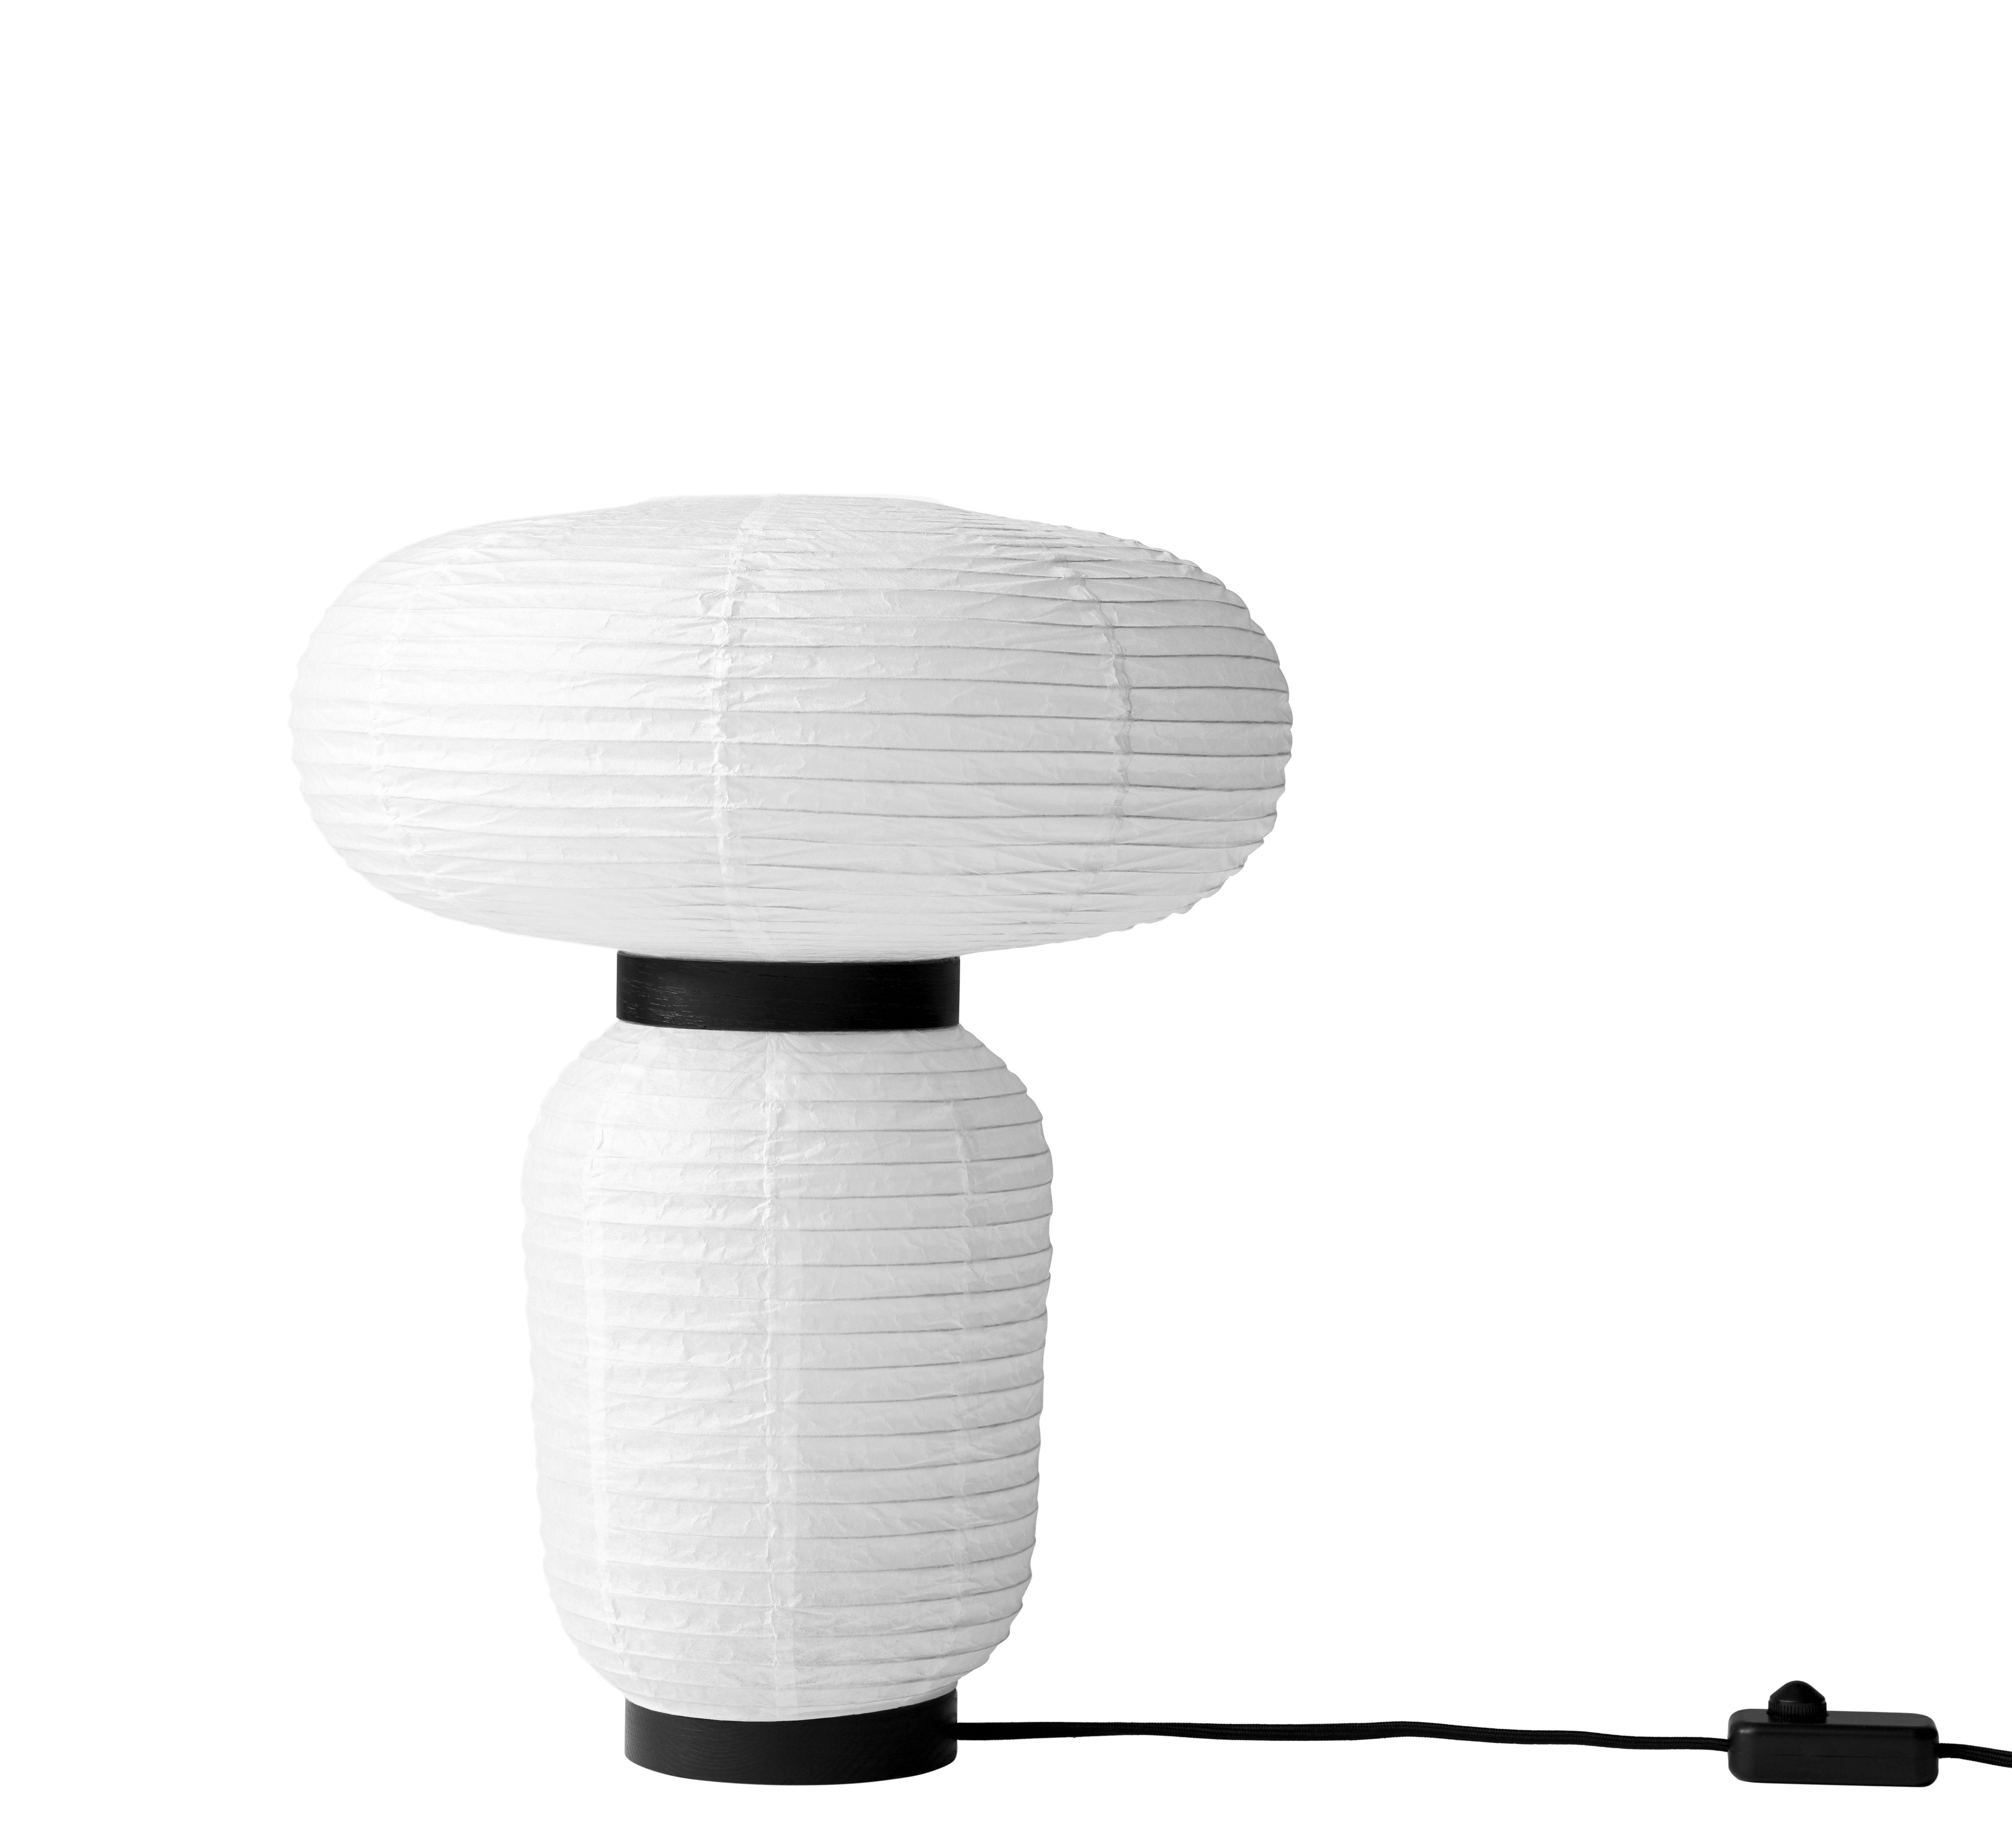 Luminaire - Lampes de table - Lampe de table Formakami JH18 / Ø 38 x H 50 cm - &tradition - Blanc ivoire / Noir - Chêne teinté, Papier de riz